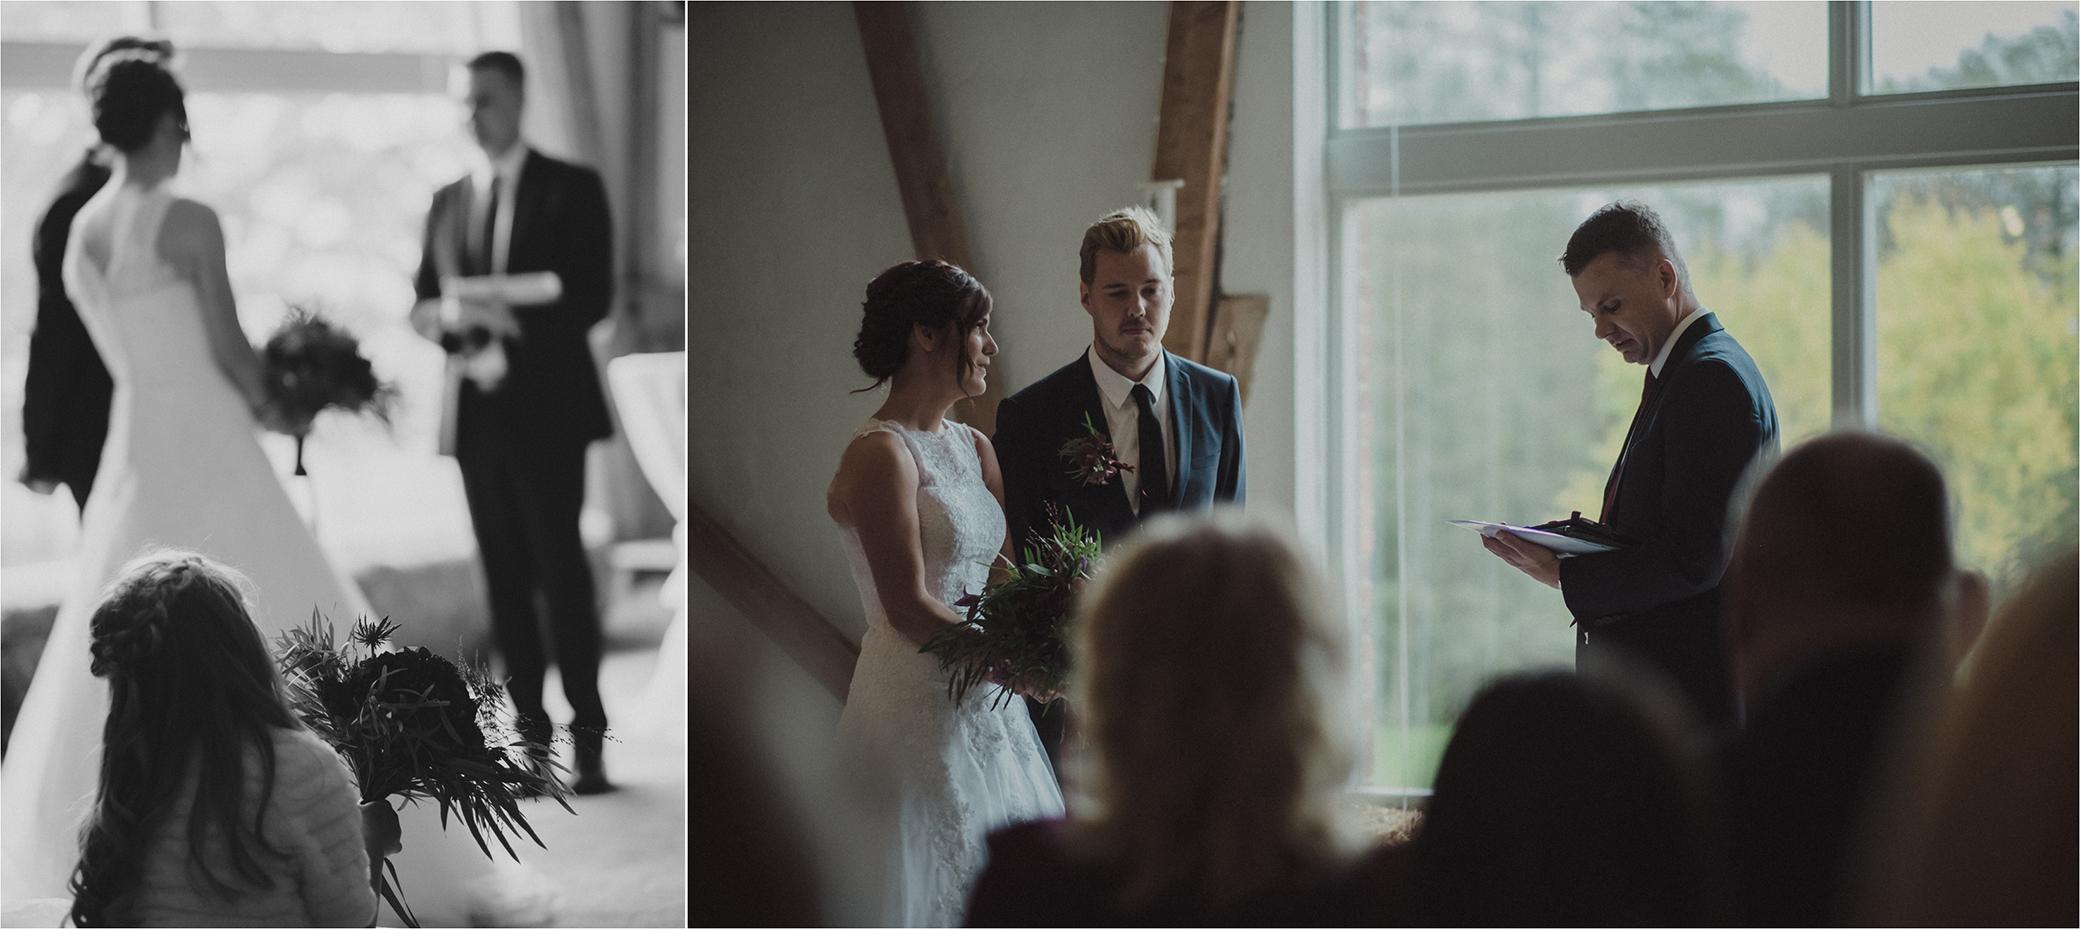 bröllopsfoto-fotograf-max-norin-136.jpg